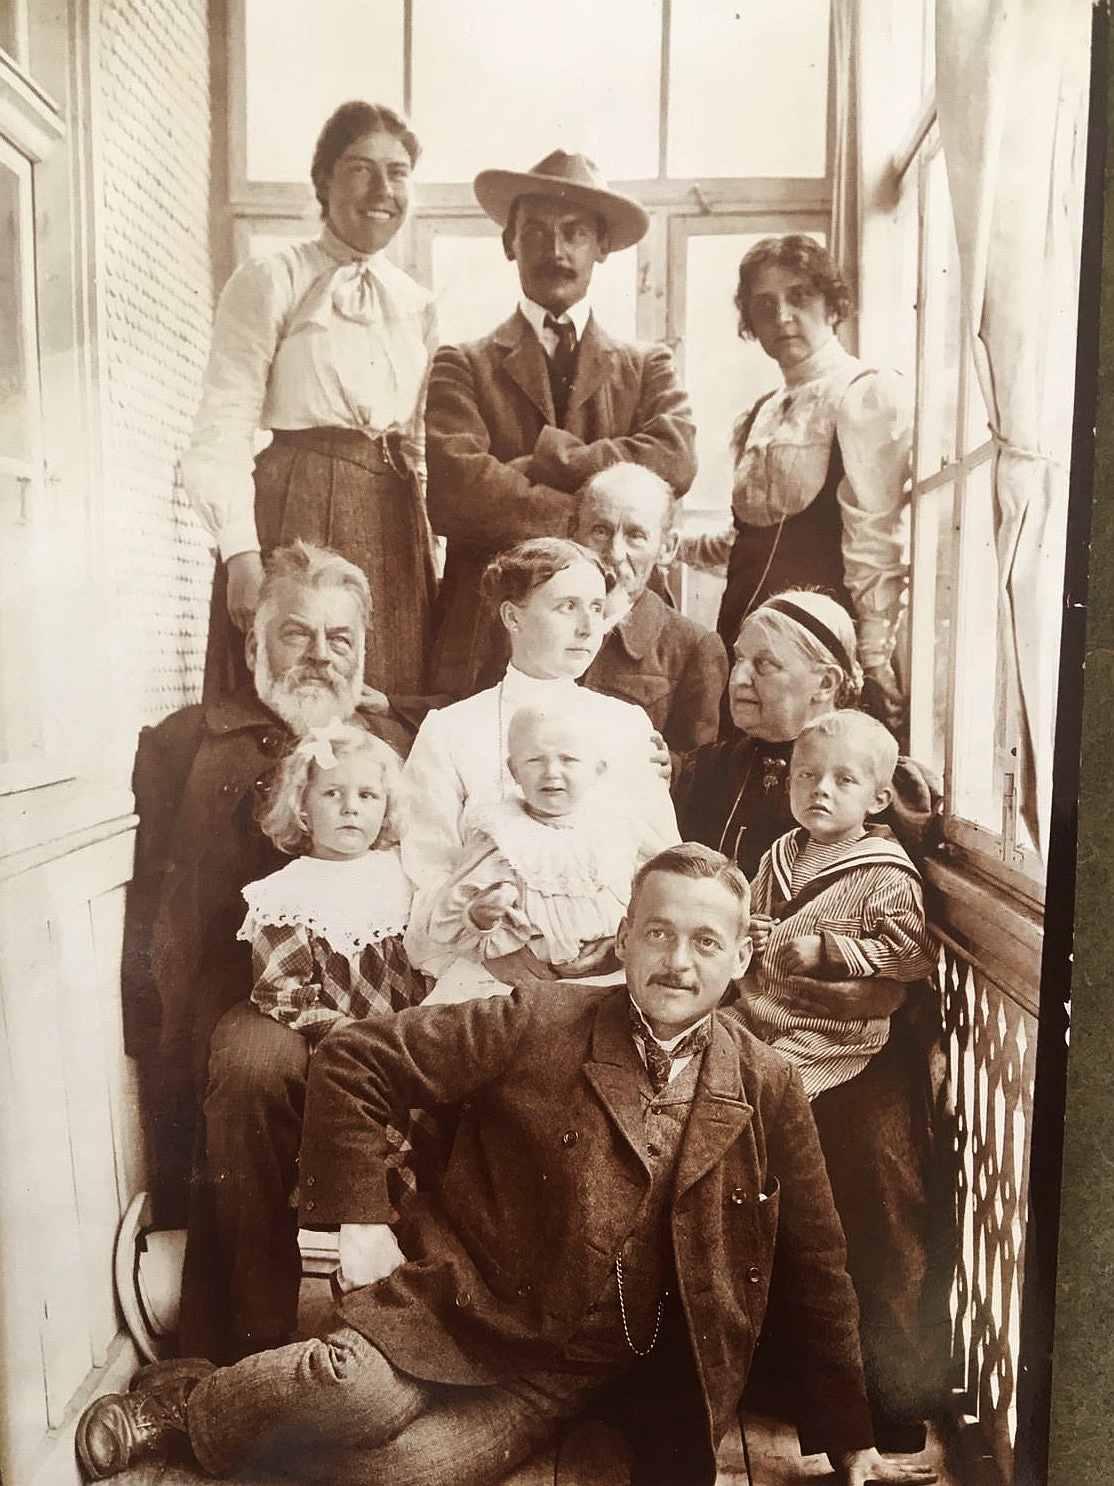 Die Familie auf der Treppe des Hotels